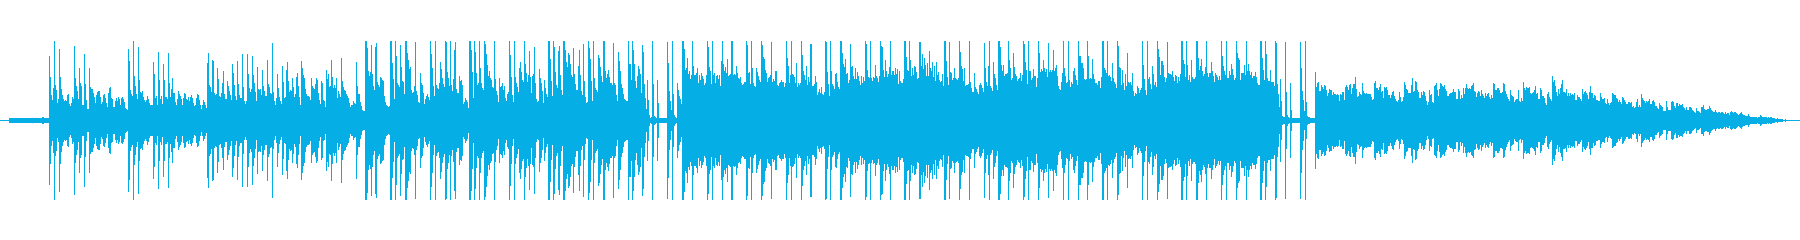 眠たげで優しいチルサウンドbgmの再生済みの波形